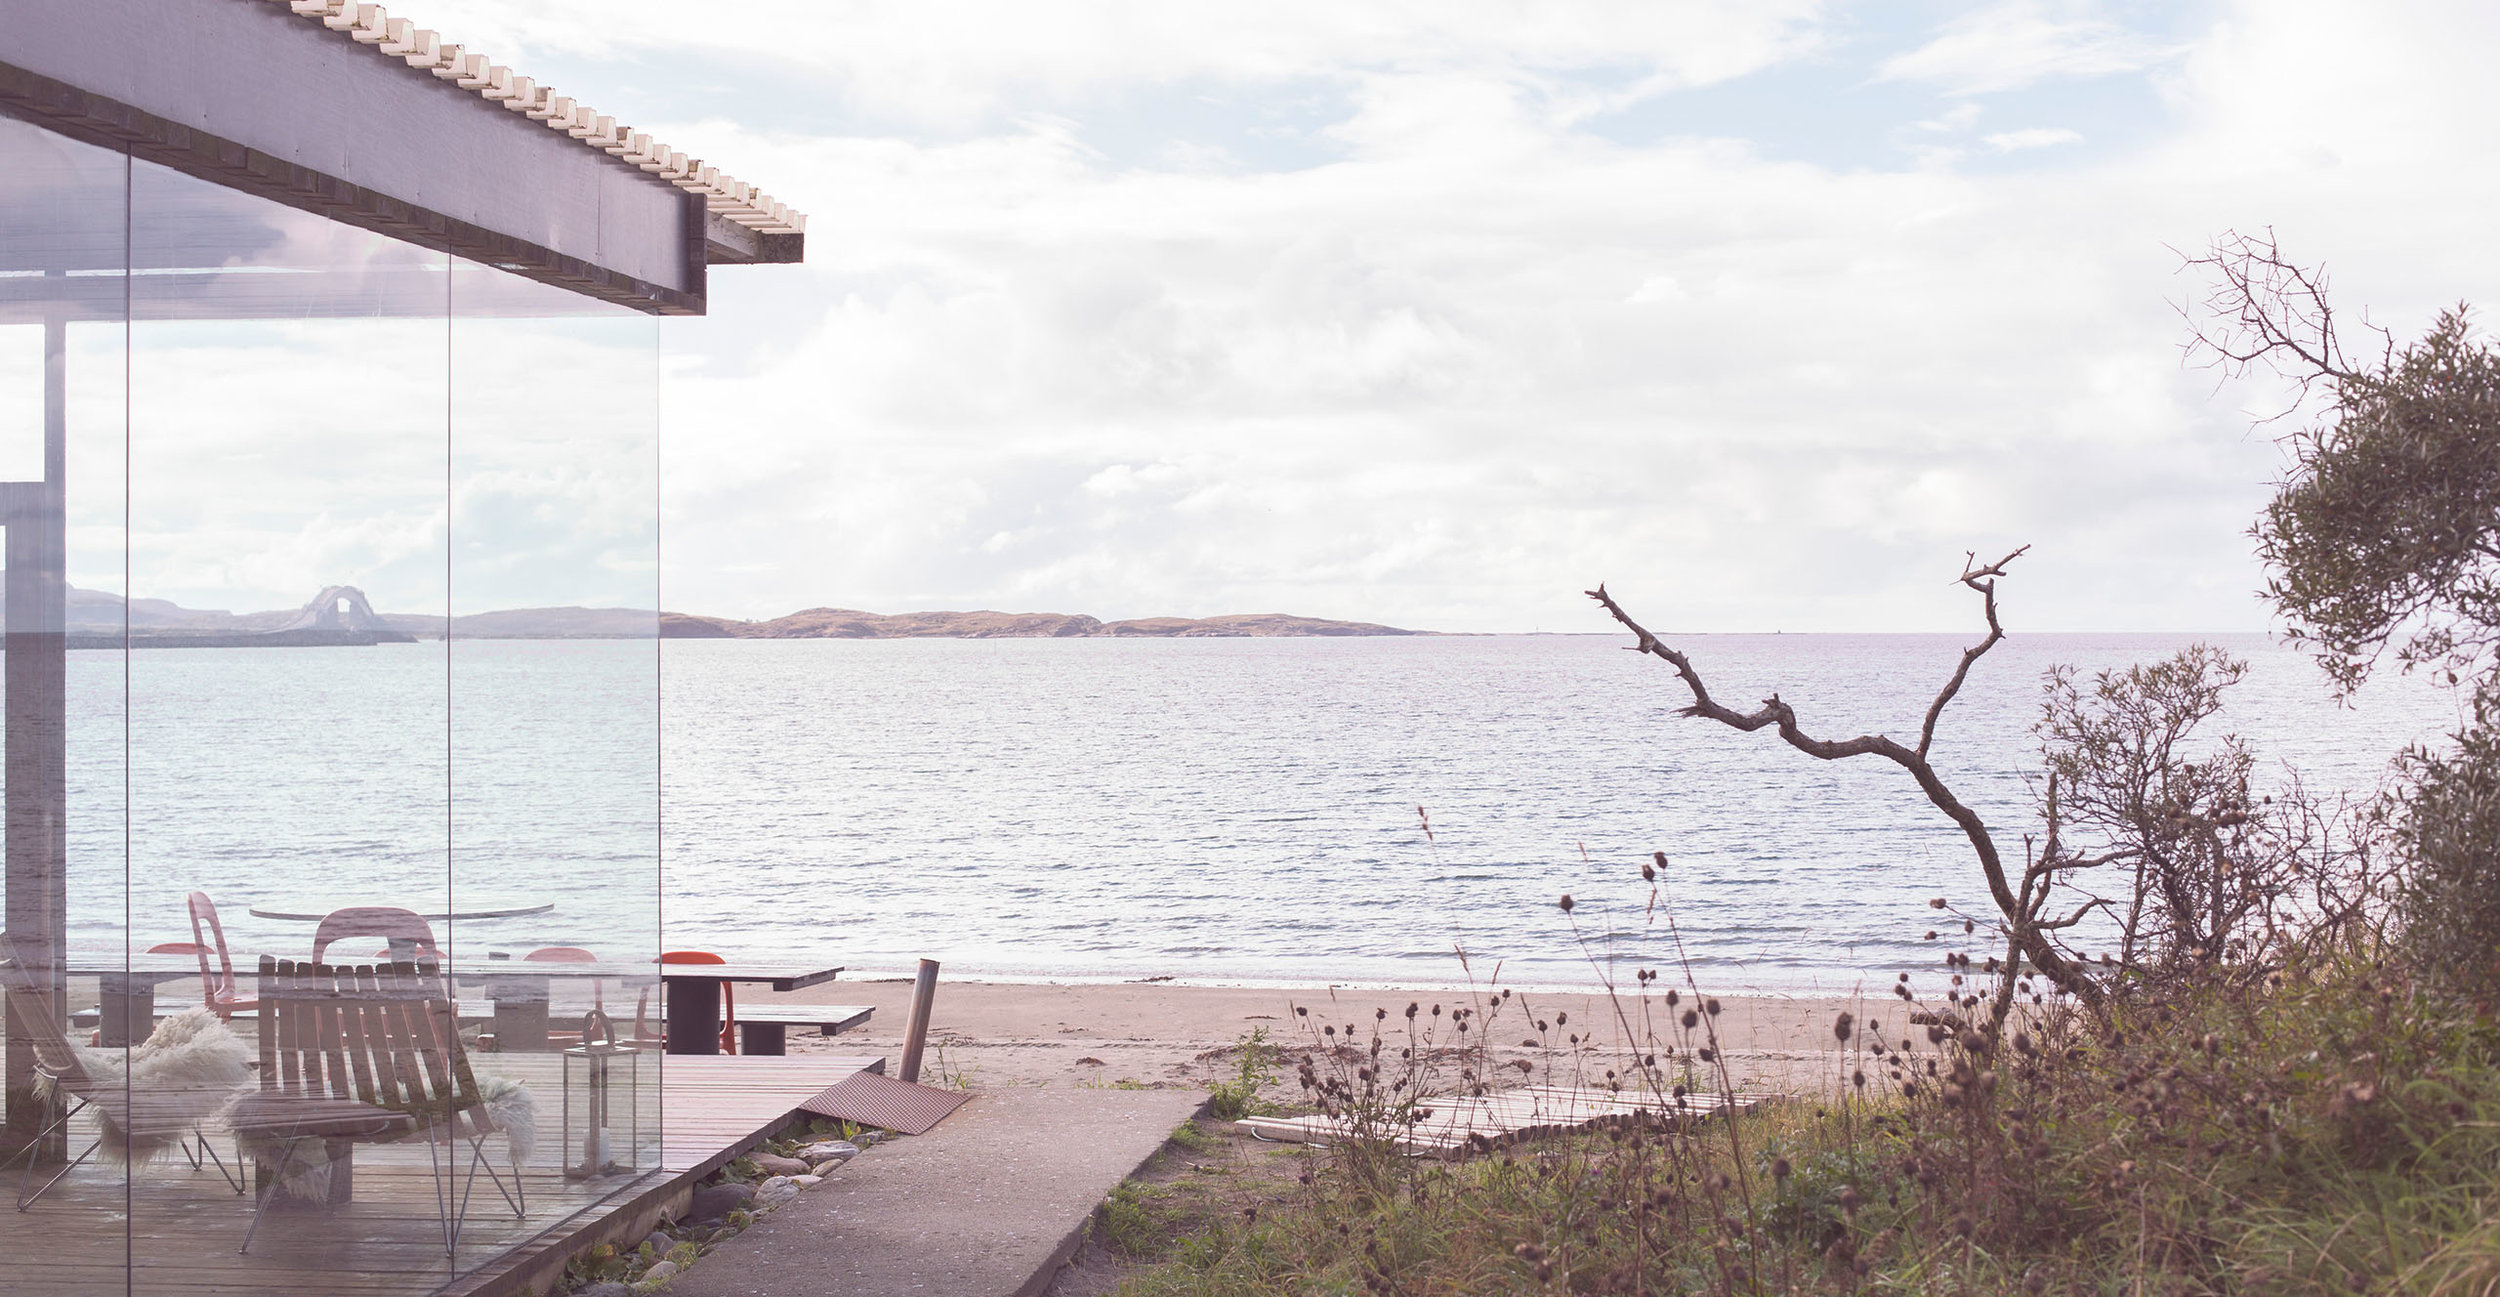 Stokkøya Sjøsenter og Strandbaren - I 2005 startet bygging av Strandbaren. Først og fremst som et «skur på stranda», et møtested for hyttefolket, men etterhvert har nedslagsfeltet for besøkende utvidet seg betraktelig. Strandbaren er bygd på murene av en gammel sementfabrikk som ble etablert i 1947 og var operativ i ca 30 år.